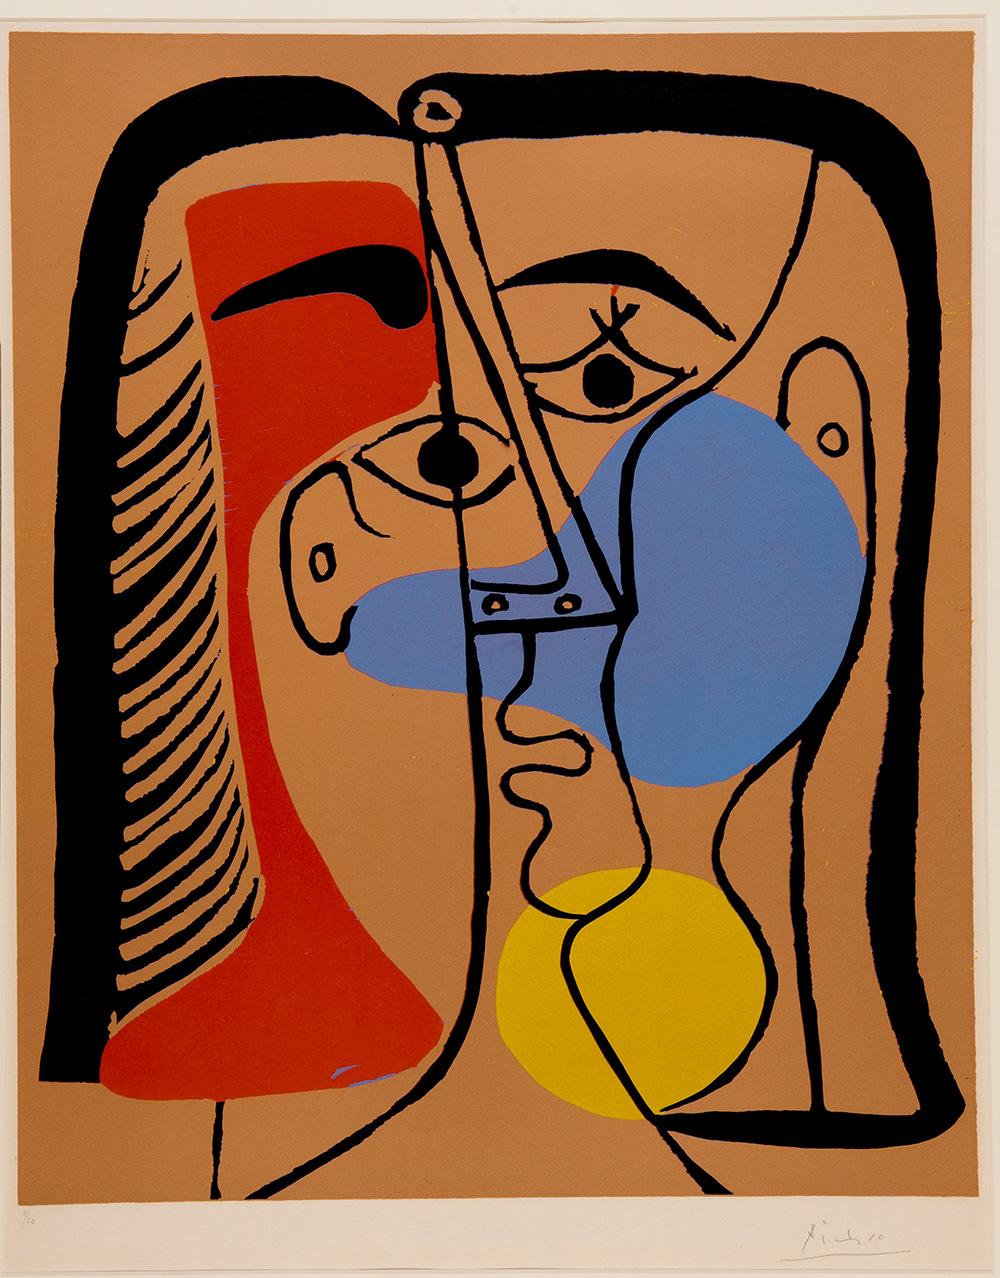 פבלו פיקאסו, ראש גדול, 1962. אוסף מוזיאון ישראל. צילומים: Succession Picasso 2016